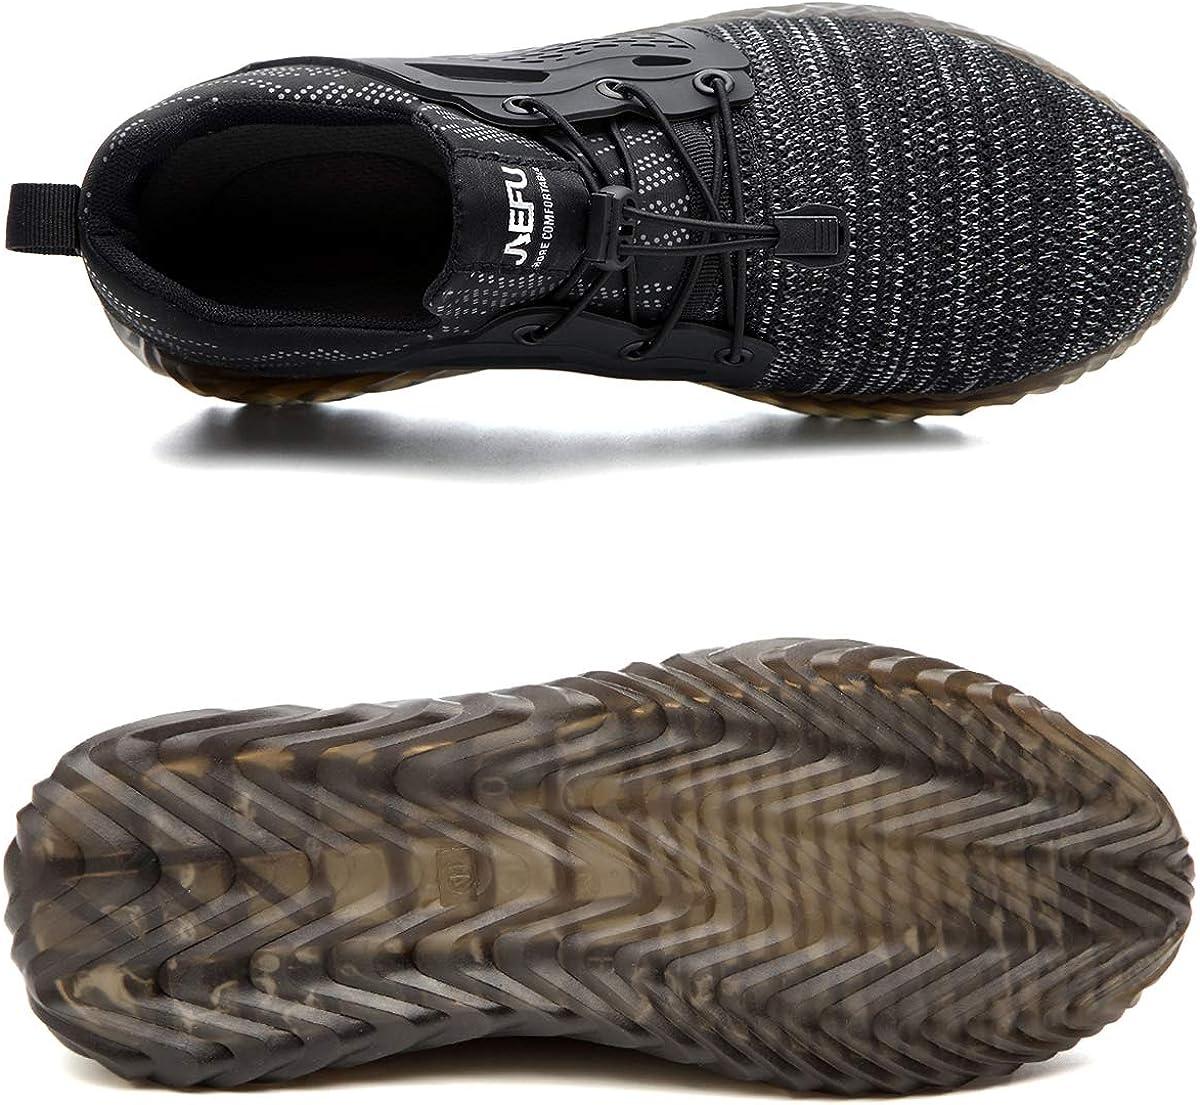 CHNHIRA Chaussures de S/écurit/é Homme Embout Acier Protection L/éger Basket Securite Chaussures de Travail Unisexes